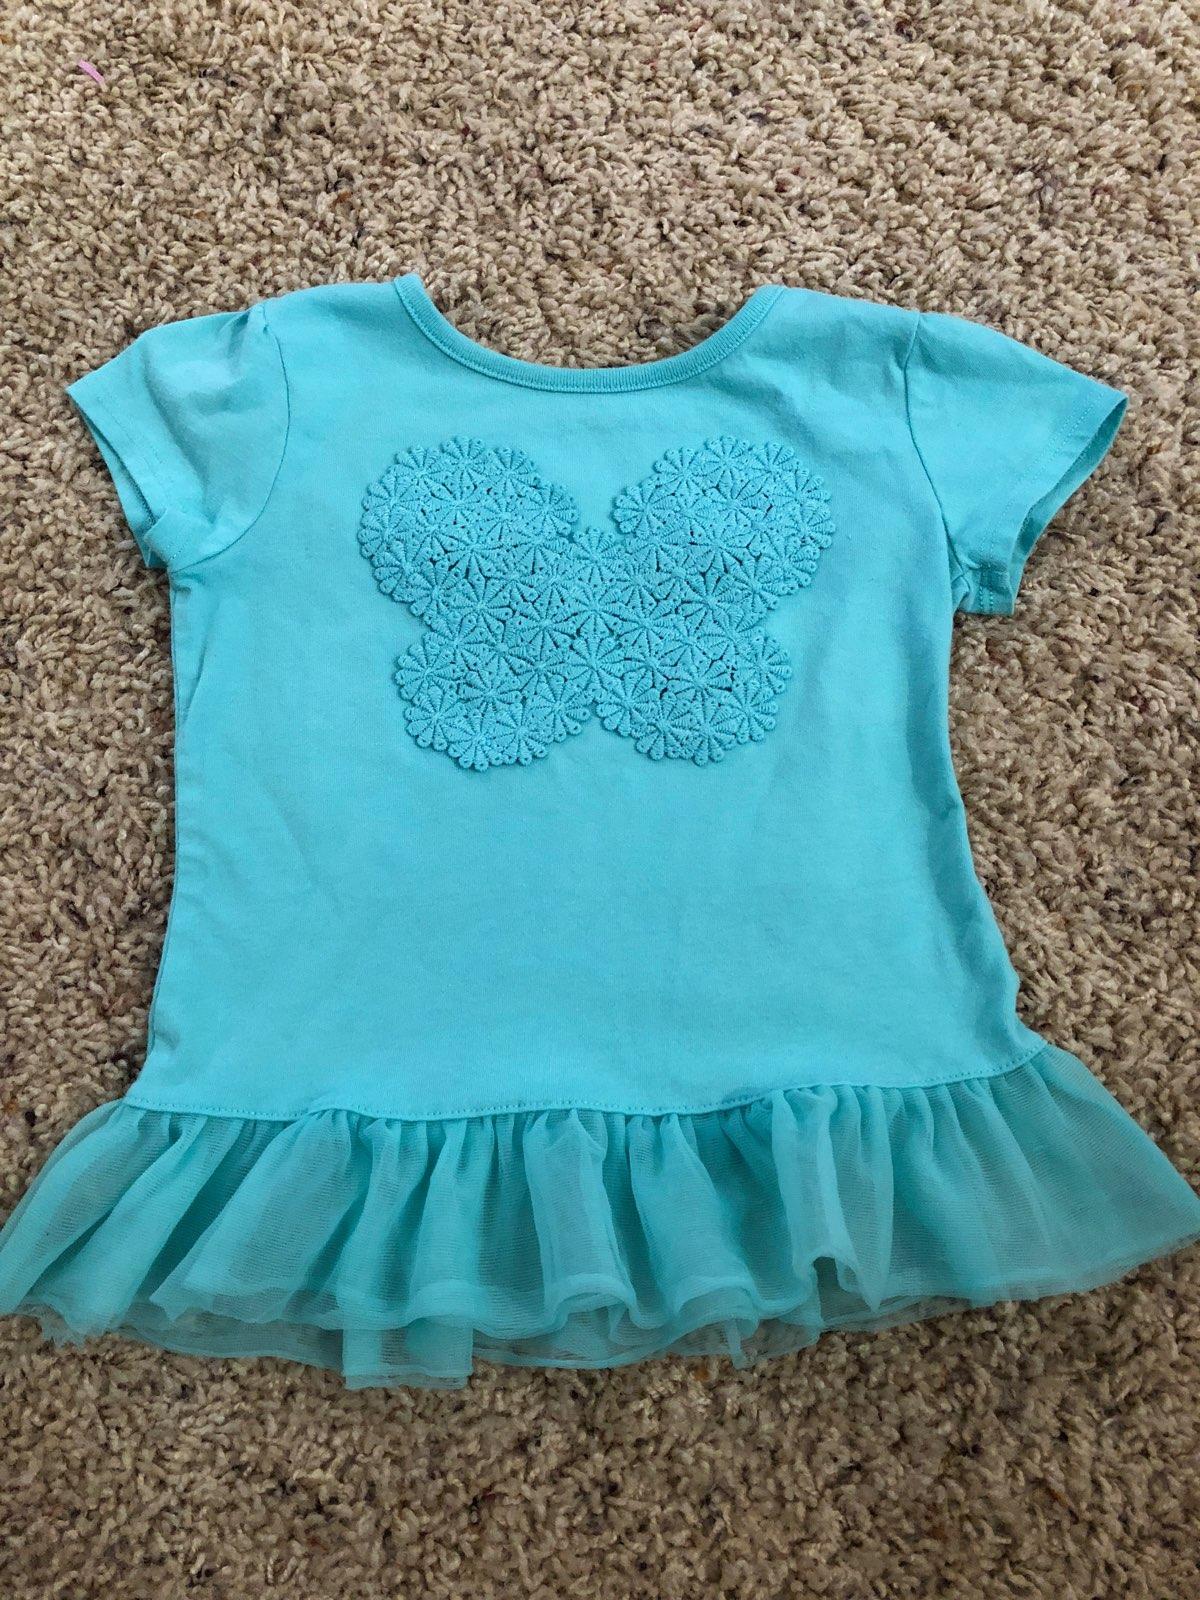 4T Butterfly Shirt